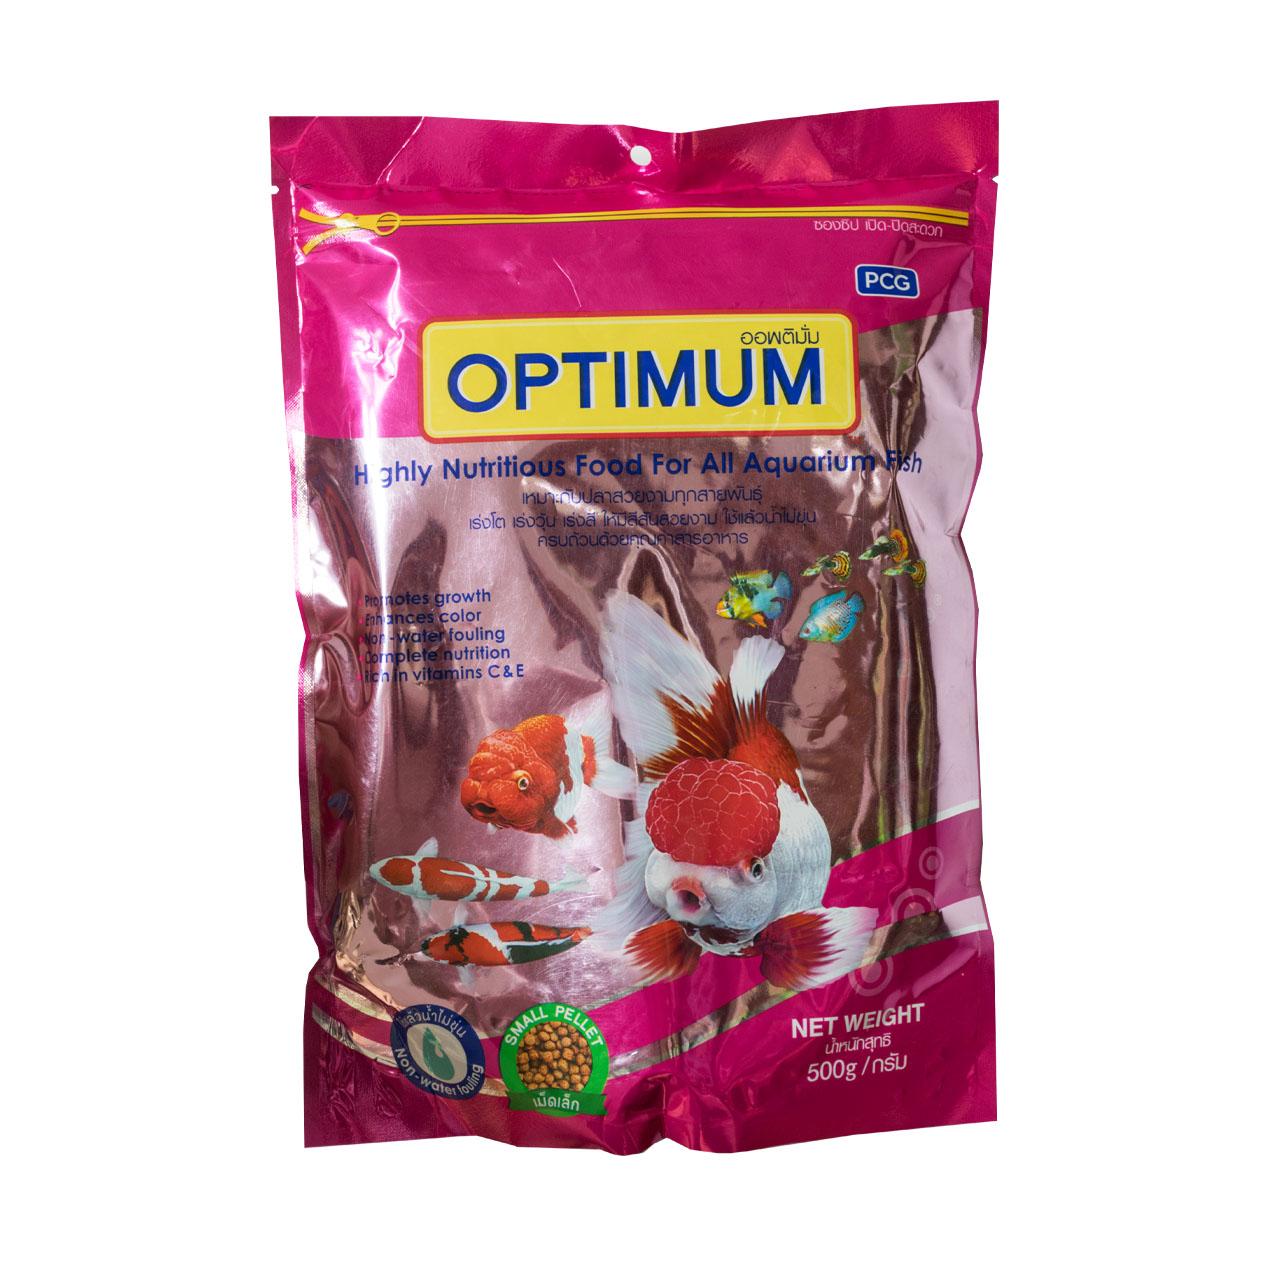 غذا خشک ماهی اوپتیمم مدل گرانول ریز وزن 500 گرم